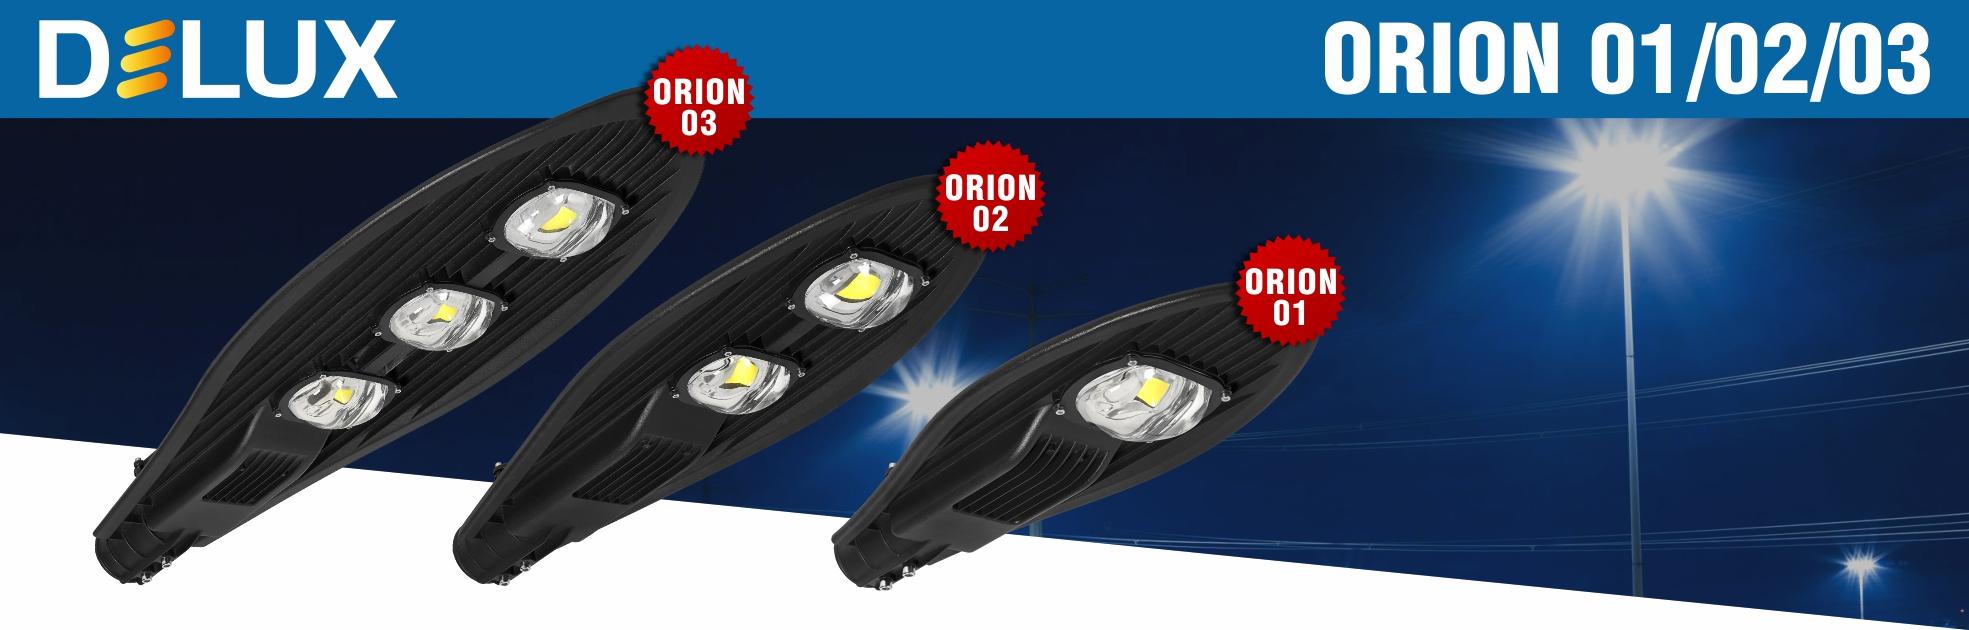 Нові вуличні LED світильники DELUX Orion 01,02,03